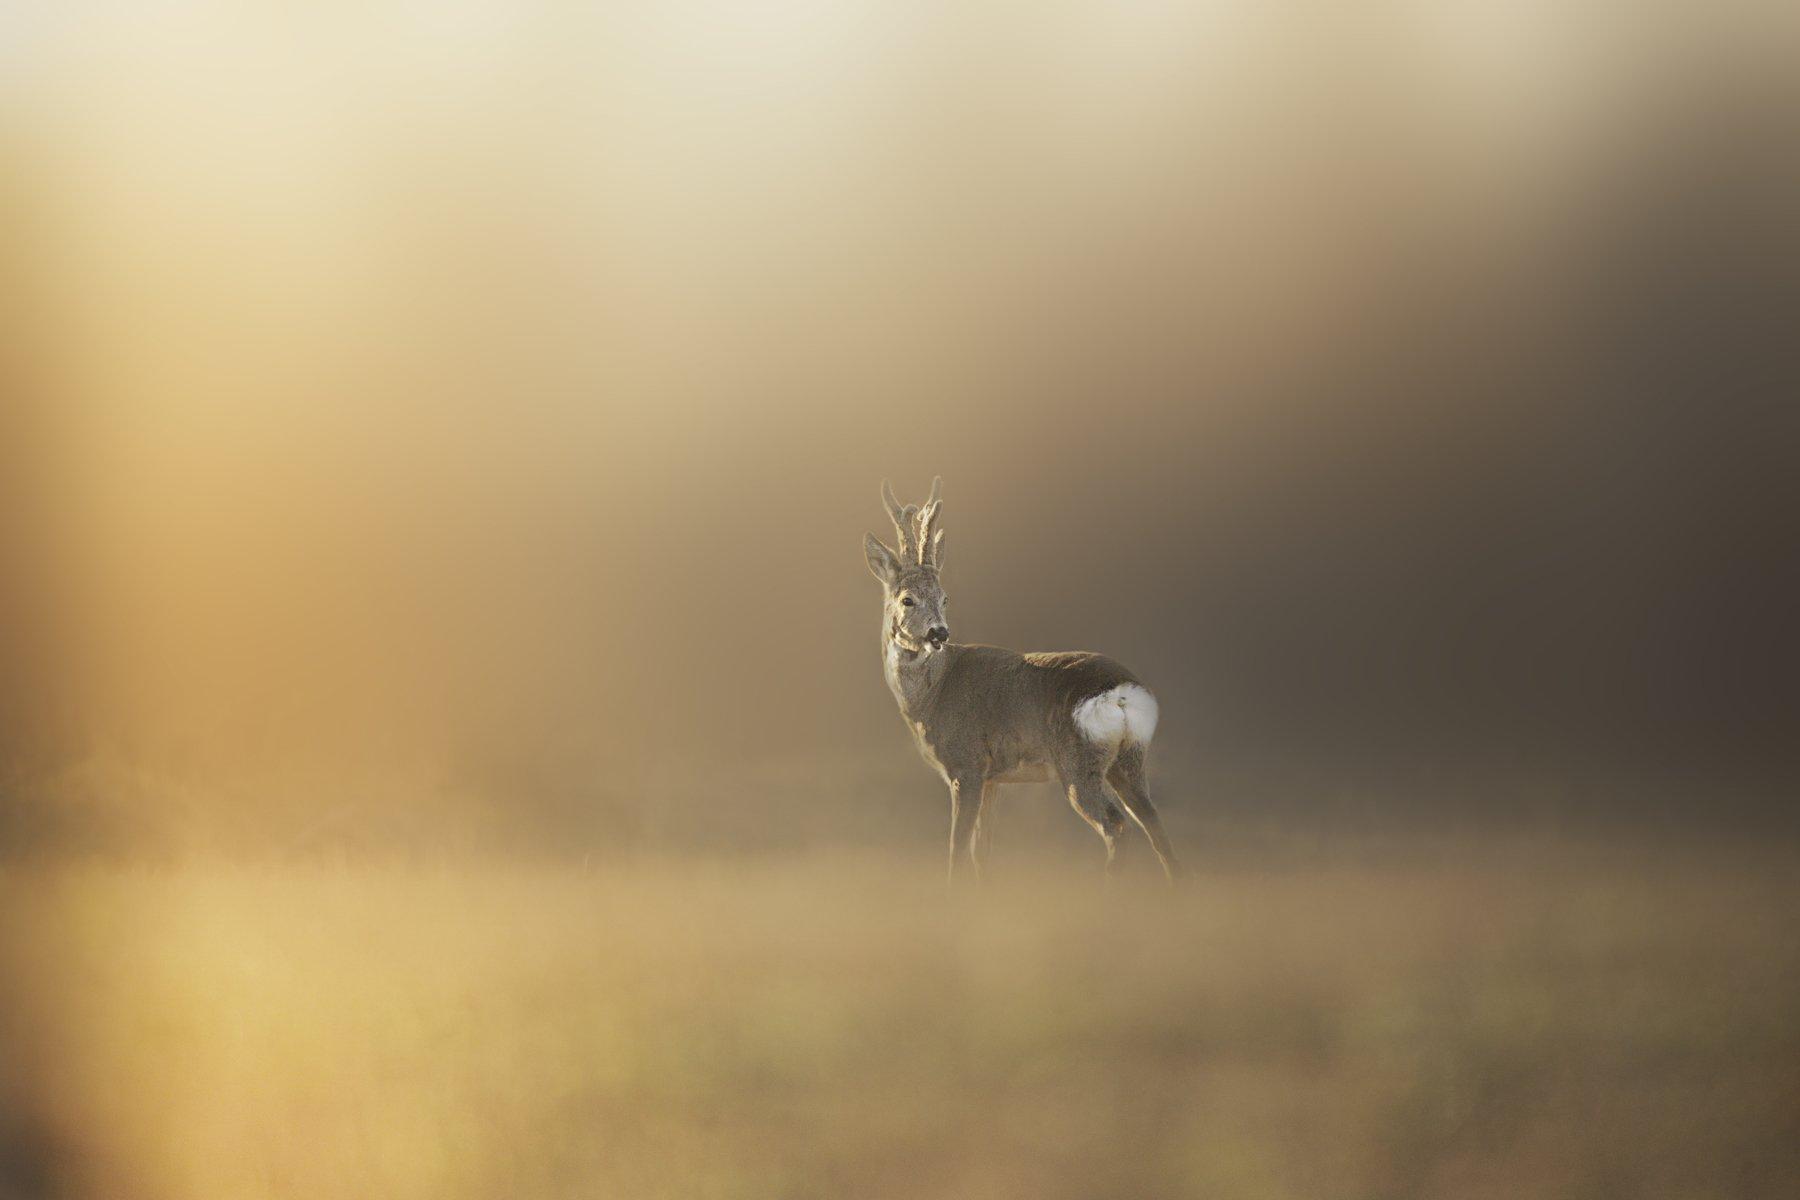 #wildlife #nature #beauty #deerel #grass, Zullu Donea